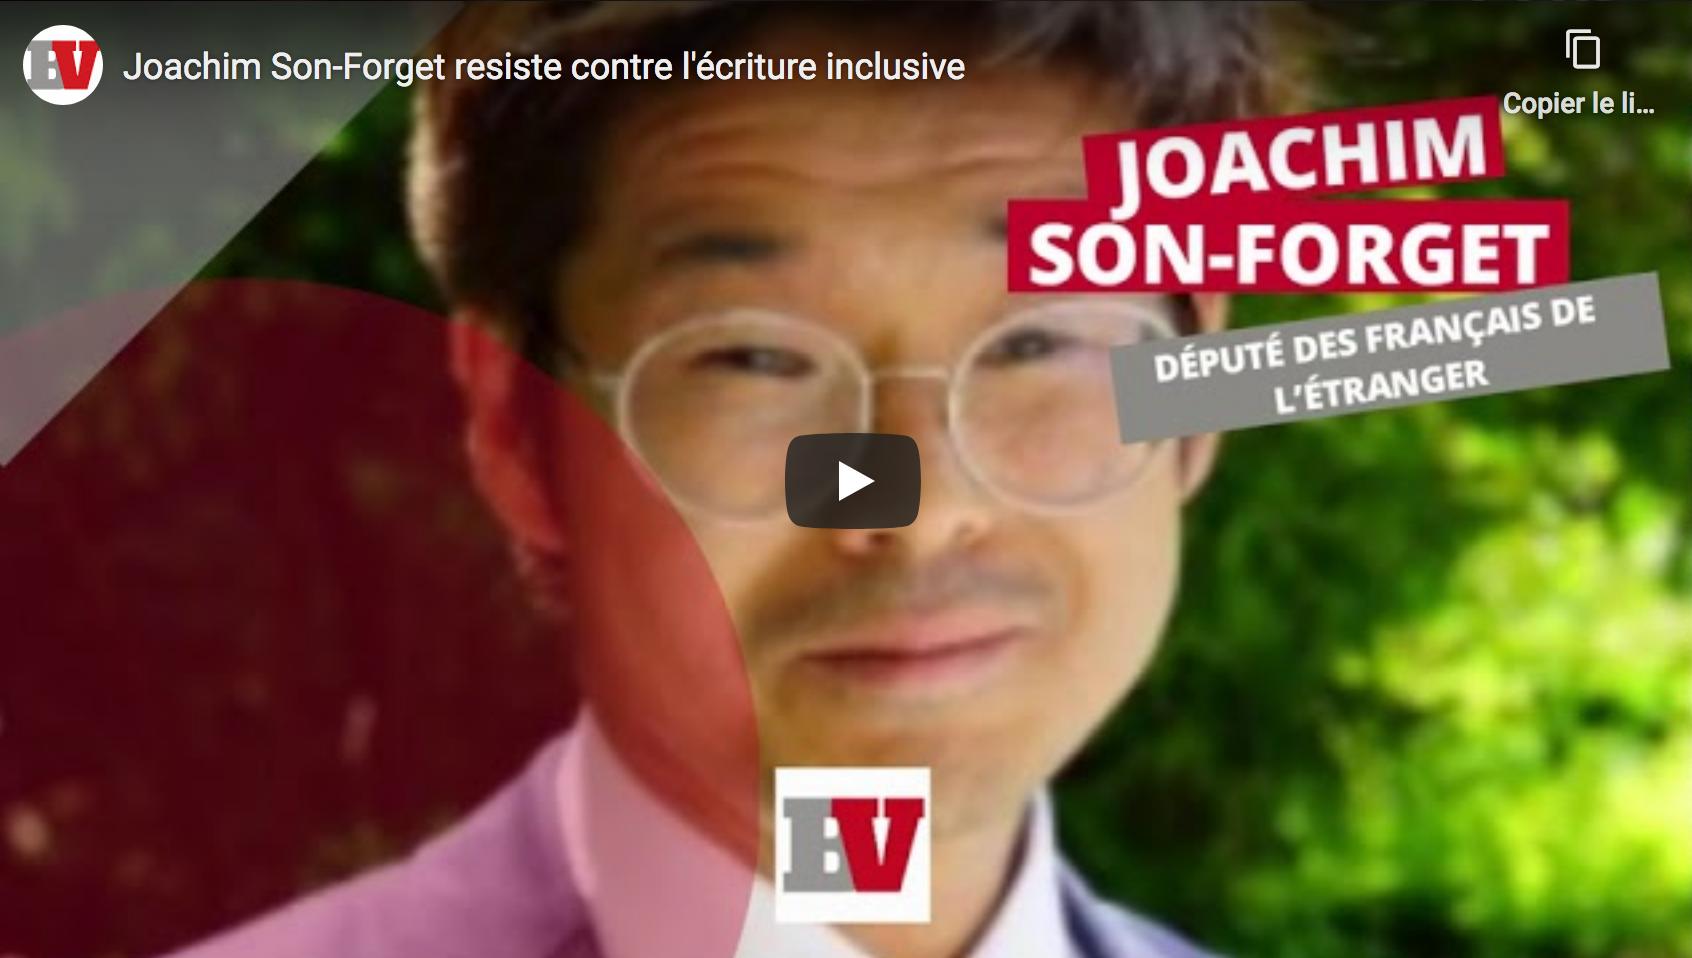 Joachim Son-Forget et Sébastien Chenu proposent une loi visant à interdire l'usage de l'écriture inclusive aux entités publiques et privées recevant des subventions